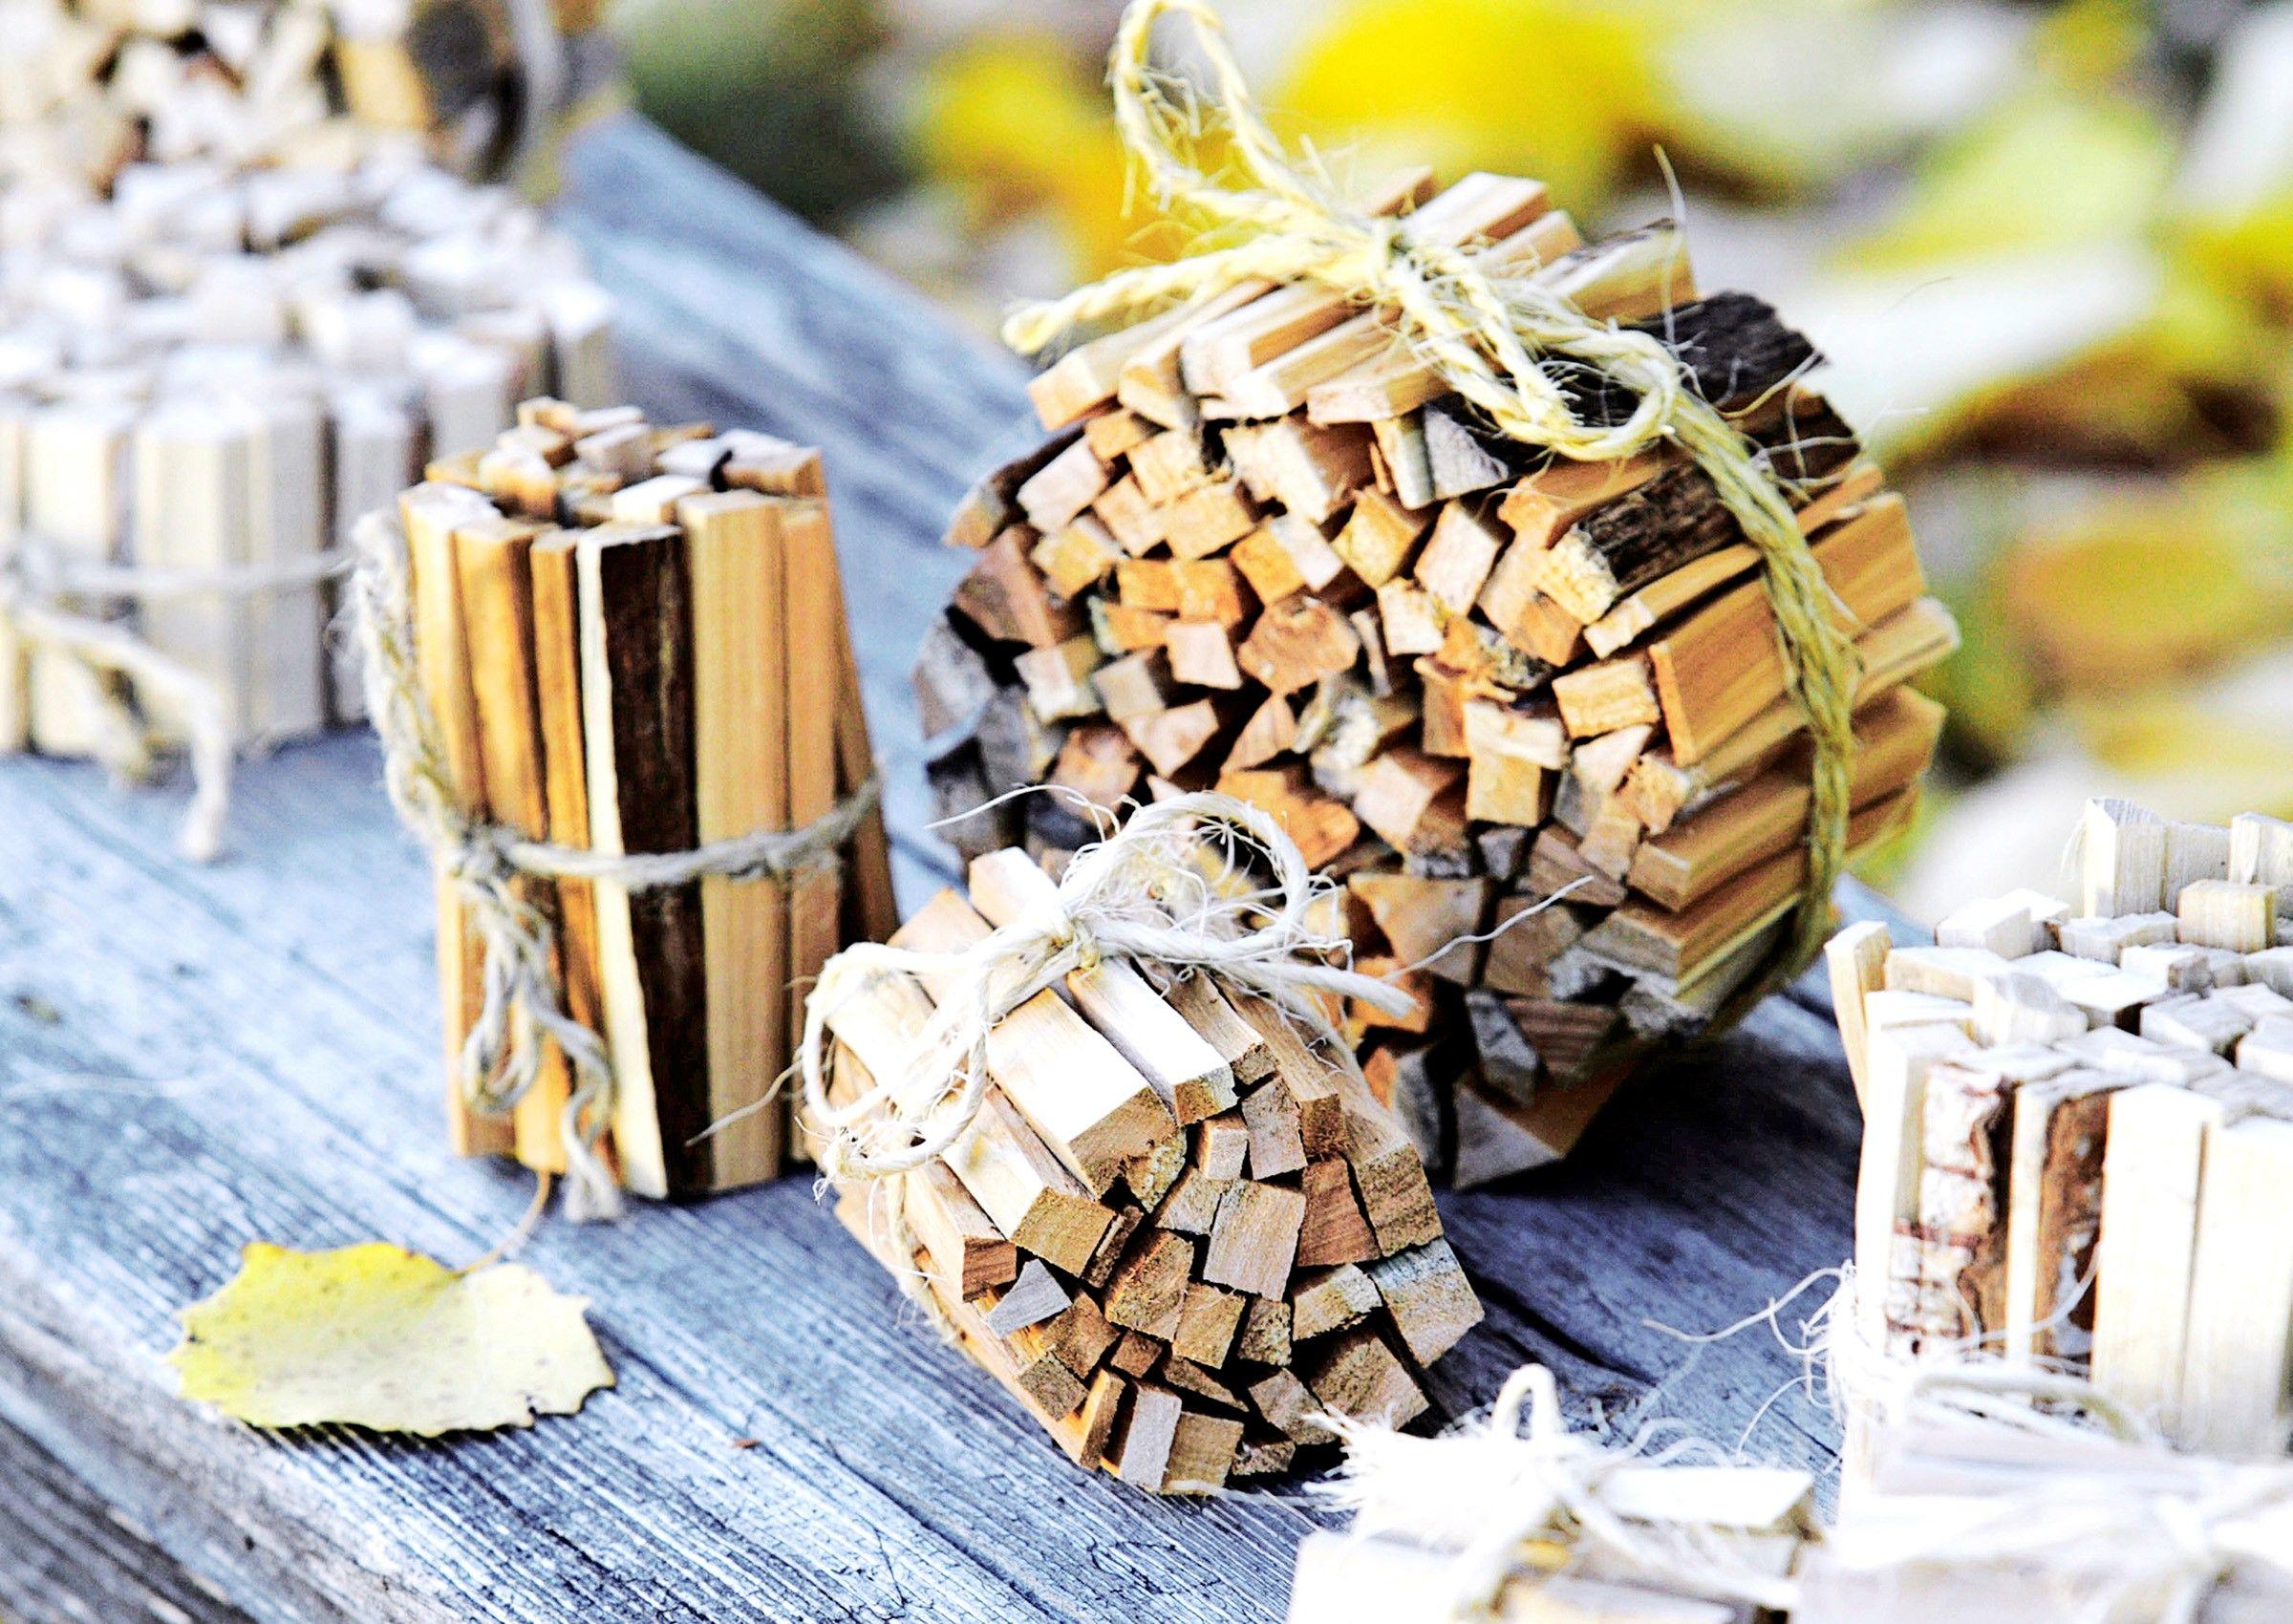 Sytykkeiden tekoon käy mikä tahansa puulaji. Yhdestä polttopuusta saa monta pientä sytykenippua. Katso Meidän Mökin ohjeet ja kokeile itse.